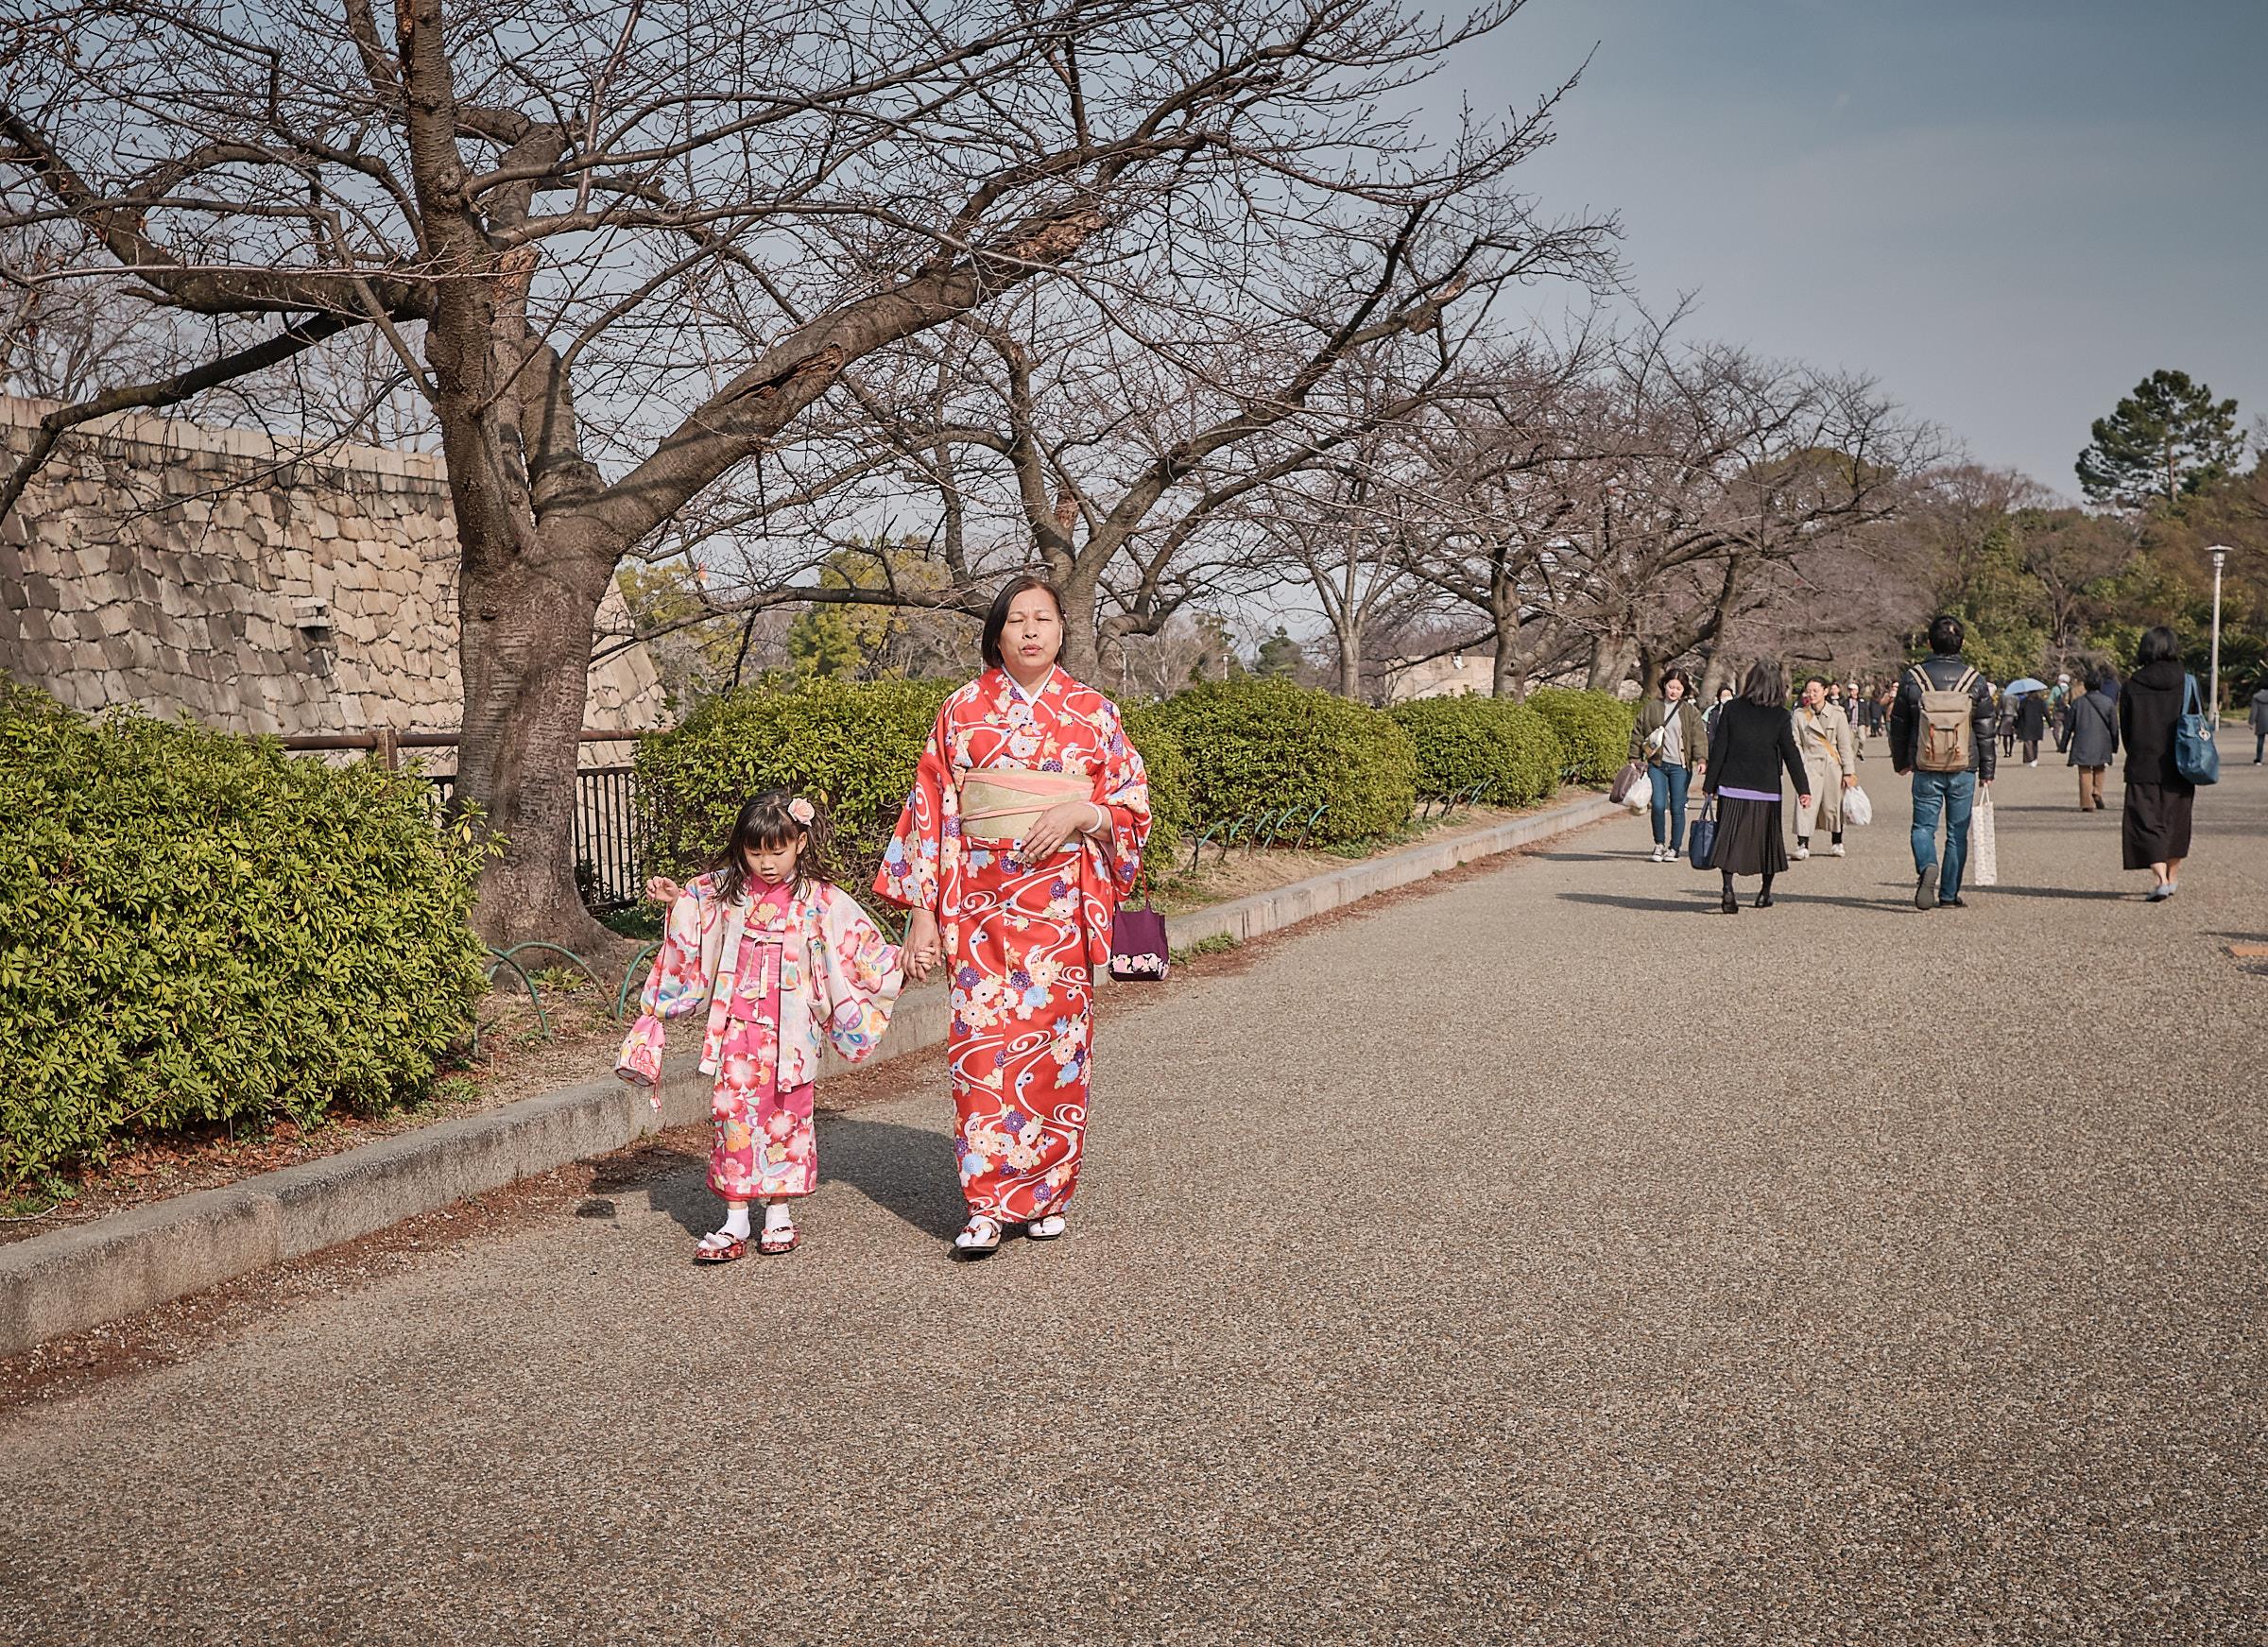 20190305-japan_50.jpg